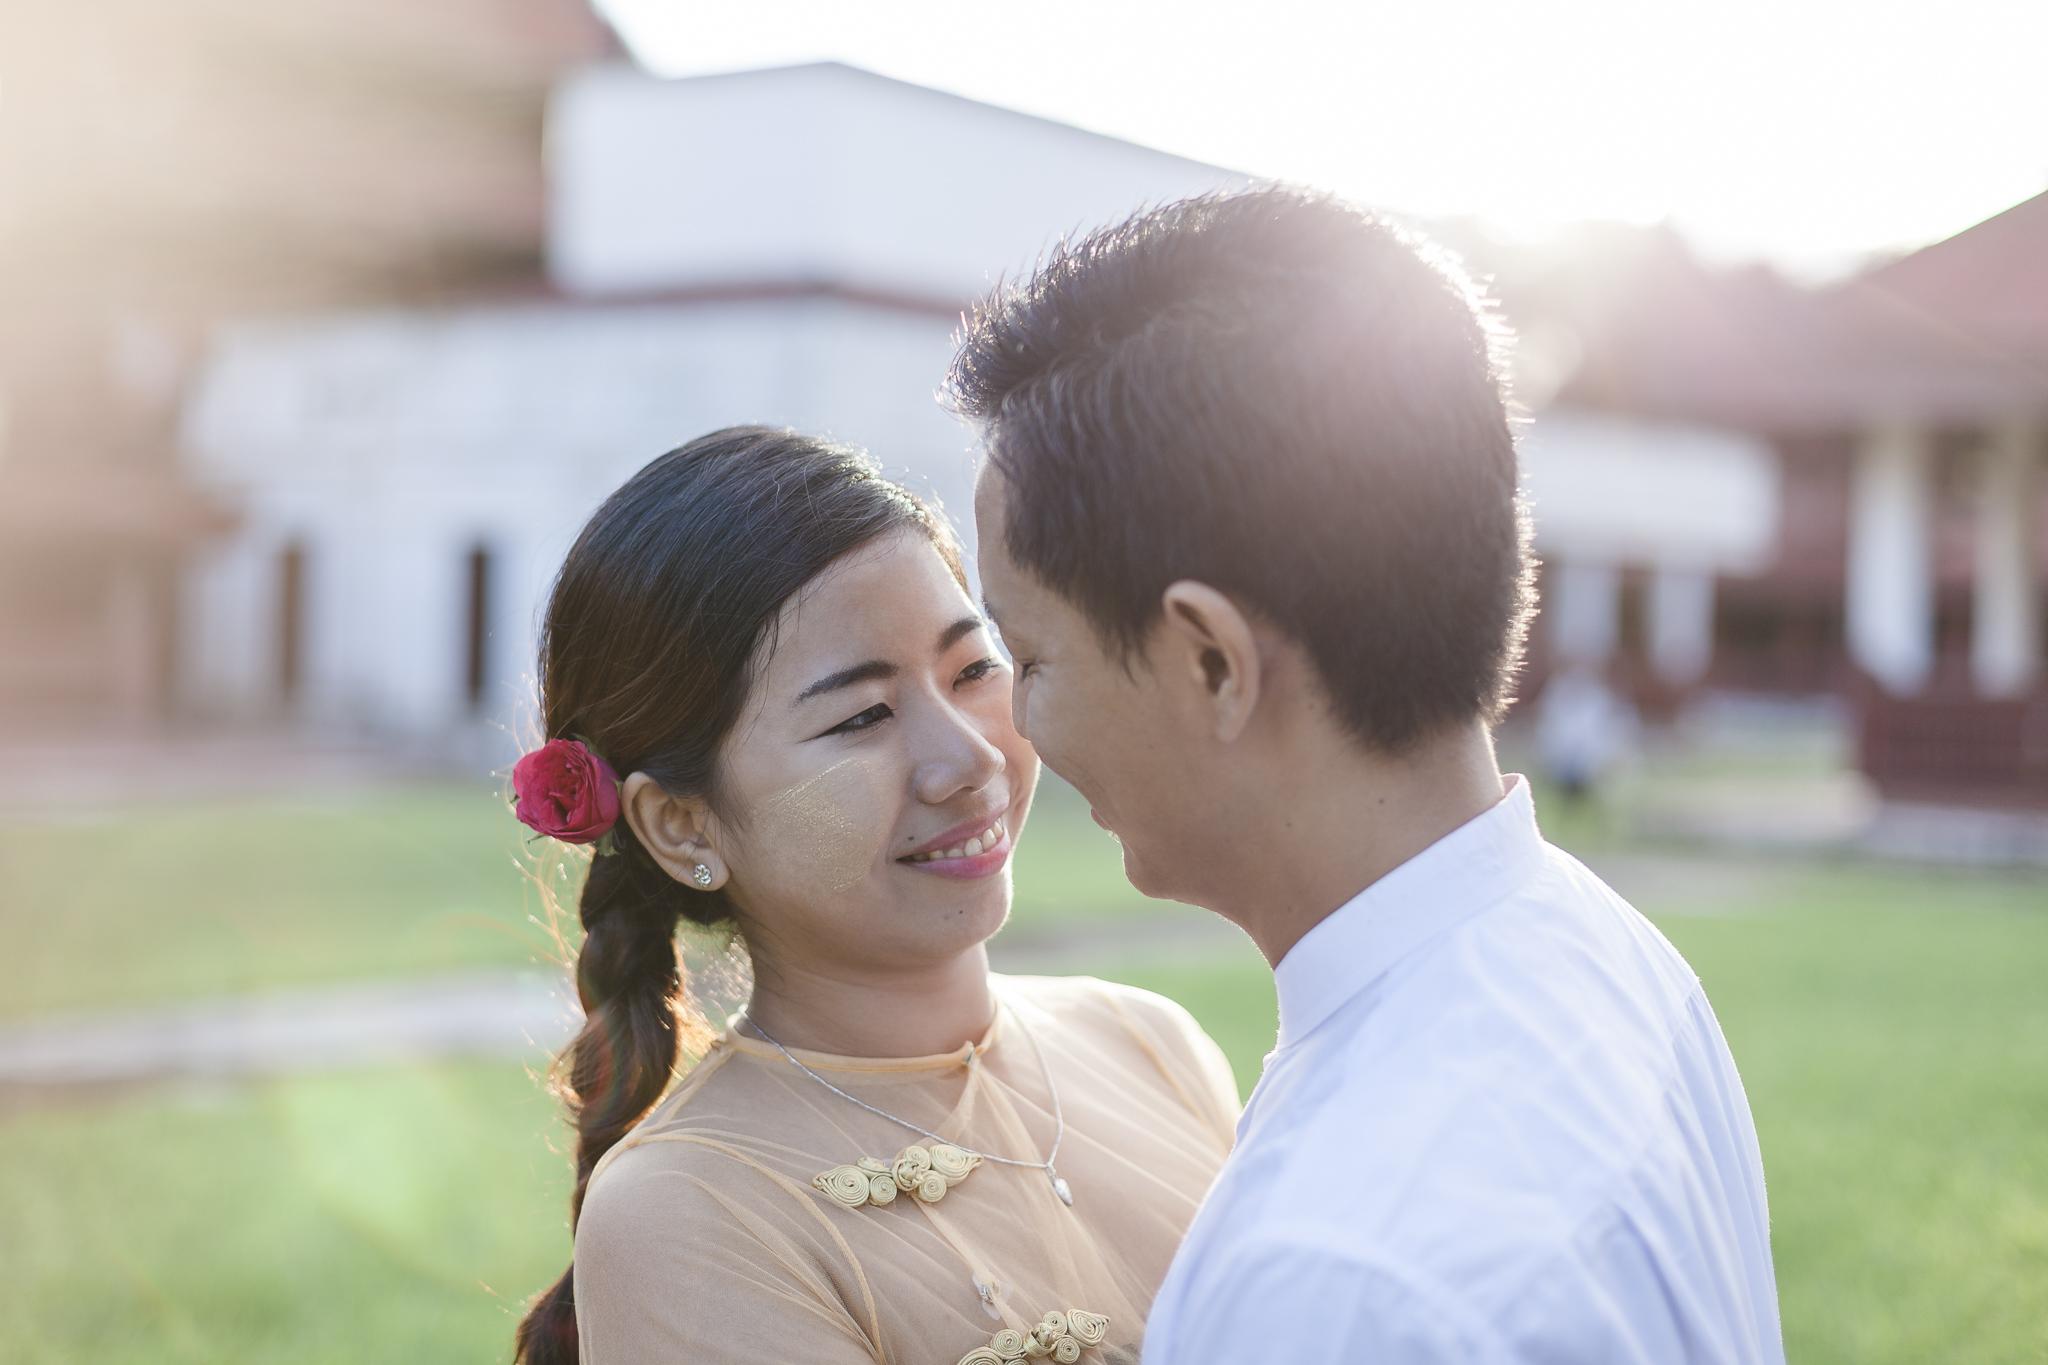 Paarfotos in Mandalay - burmesisches Pärchen schaut sich verliebt an